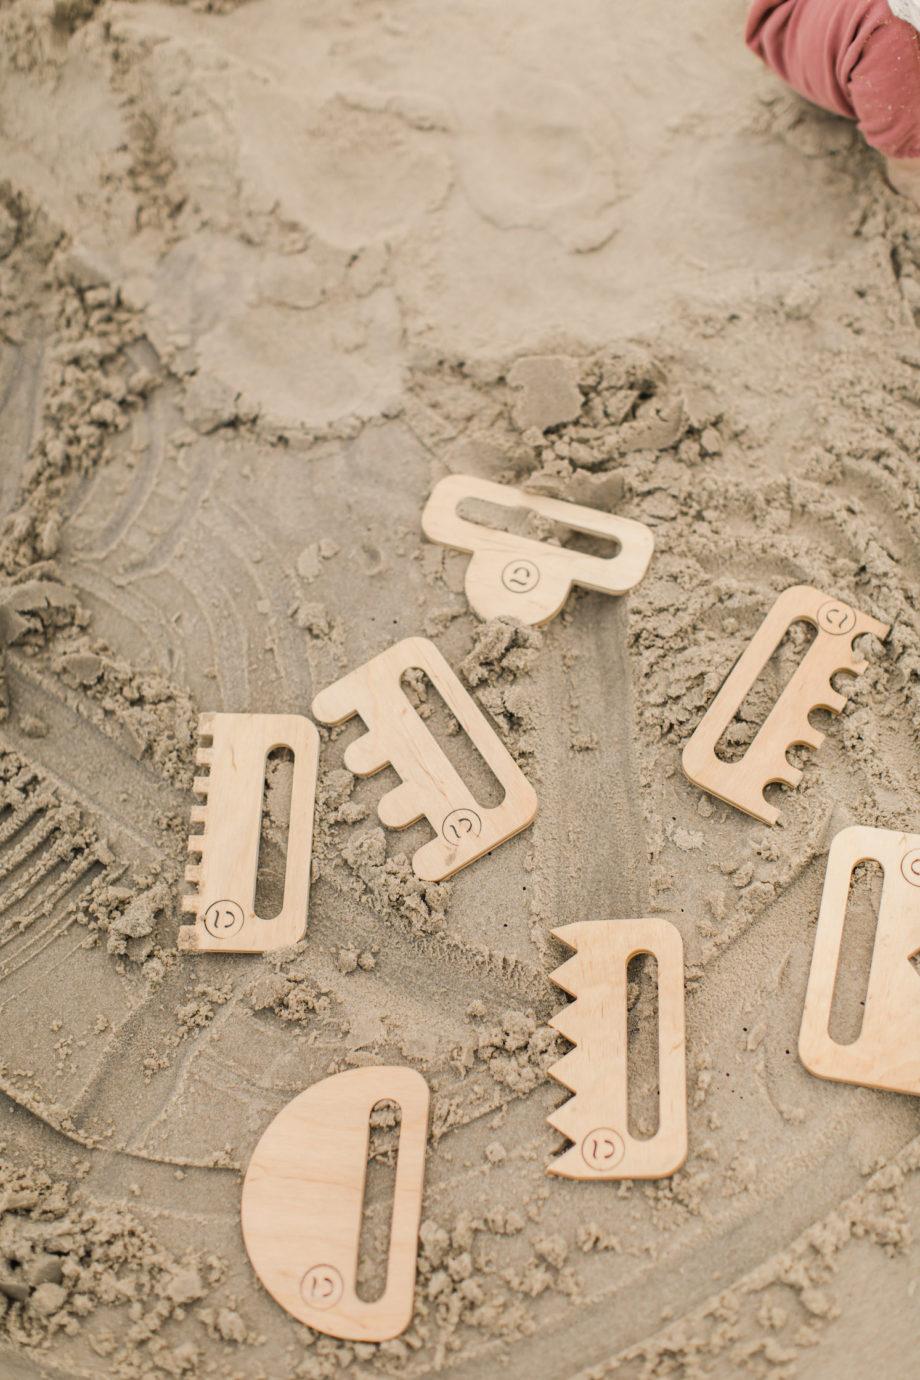 polskie zabawki plażowe, drewniane zabawki plażowe